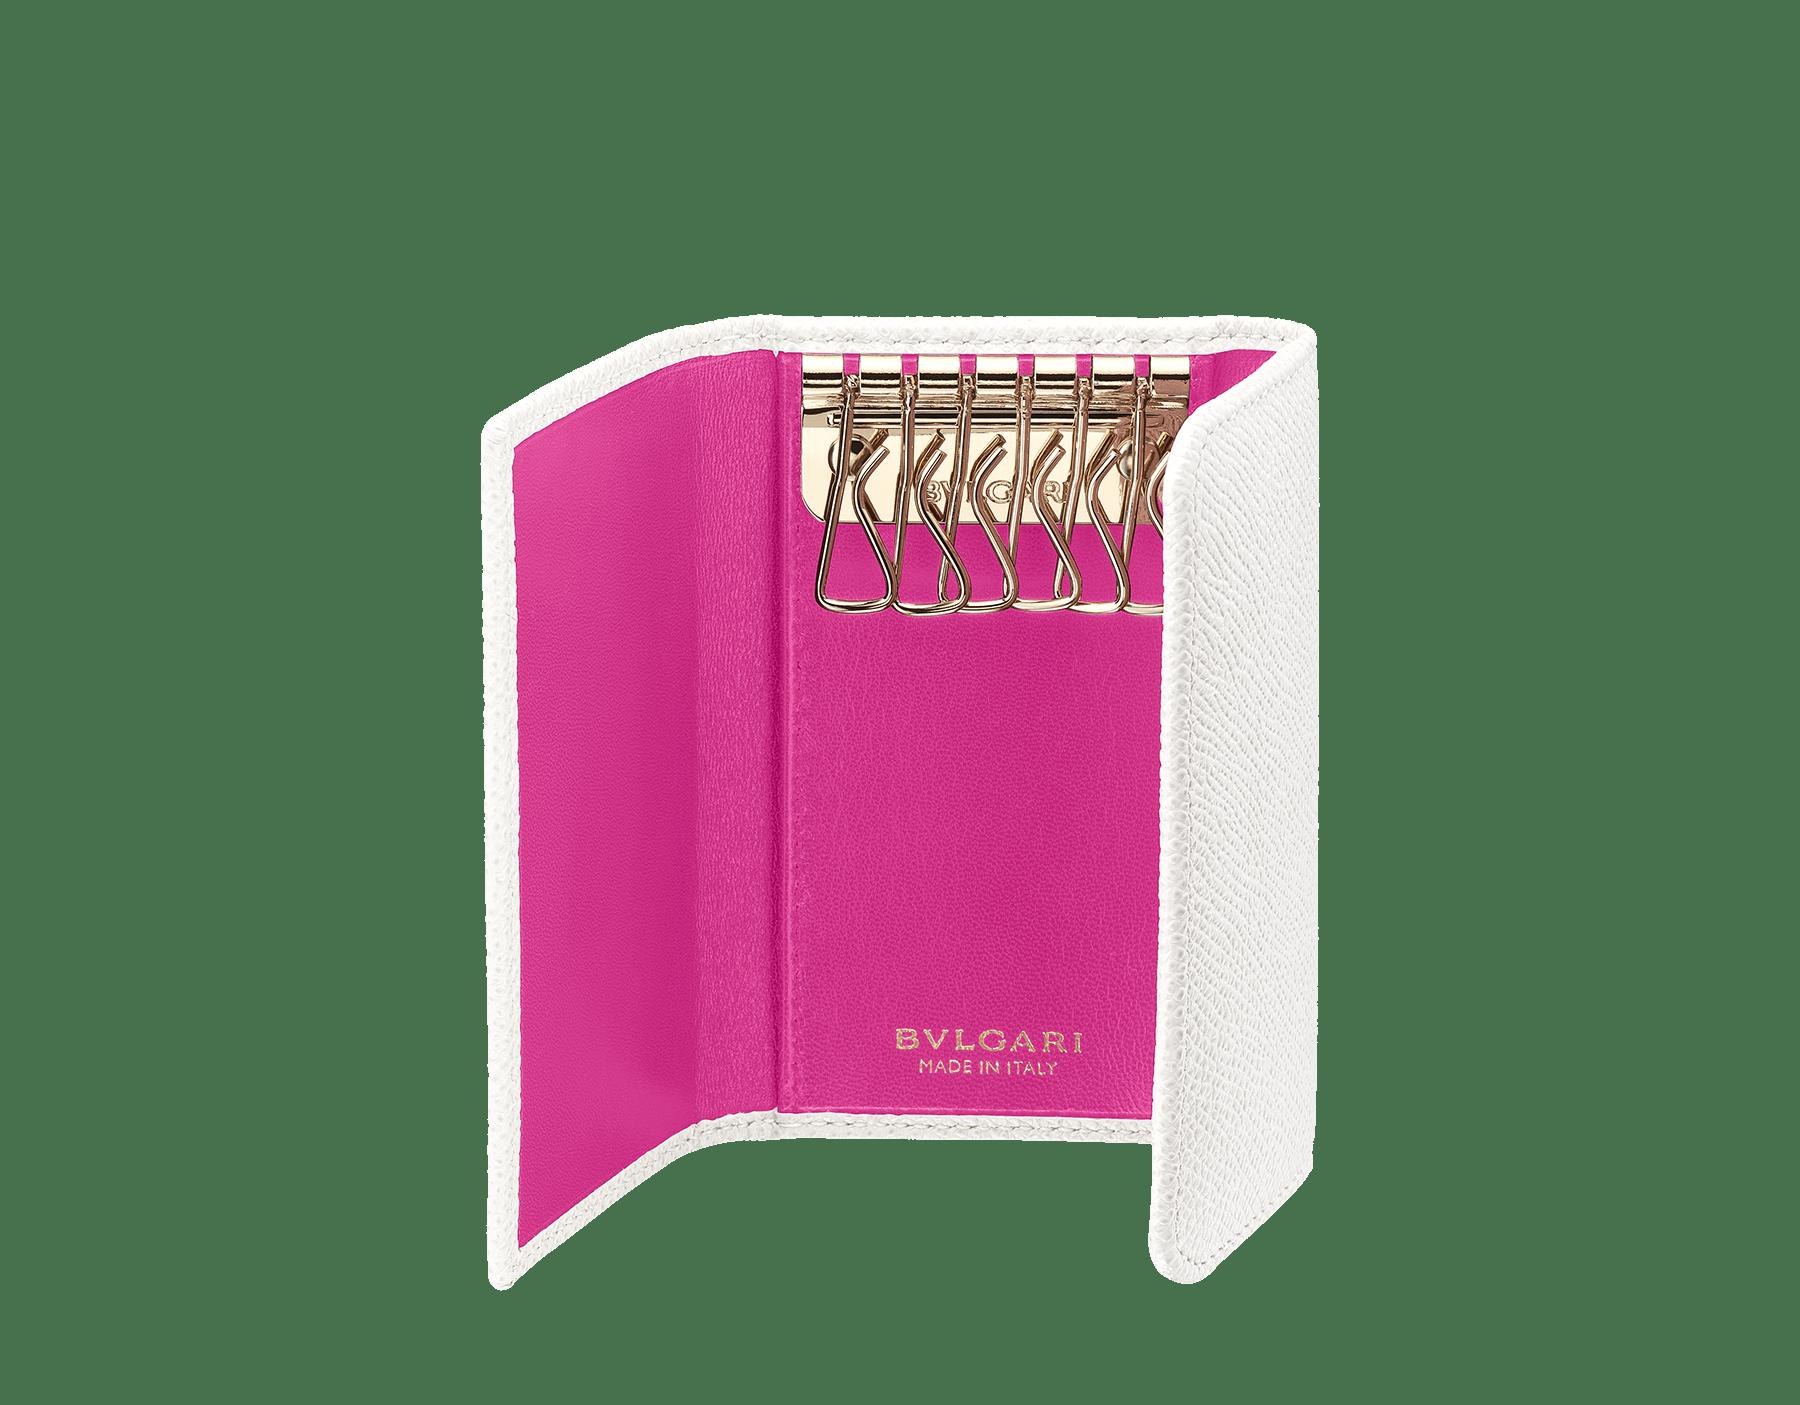 Porte-clés en cuir de veau grainé blanc agate et nappa rose tourmaline avec doublure en nappa couleur œil de tigre. Fermoir emblématique en laiton doré orné du motif Bulgari Bulgari. 283437 image 2